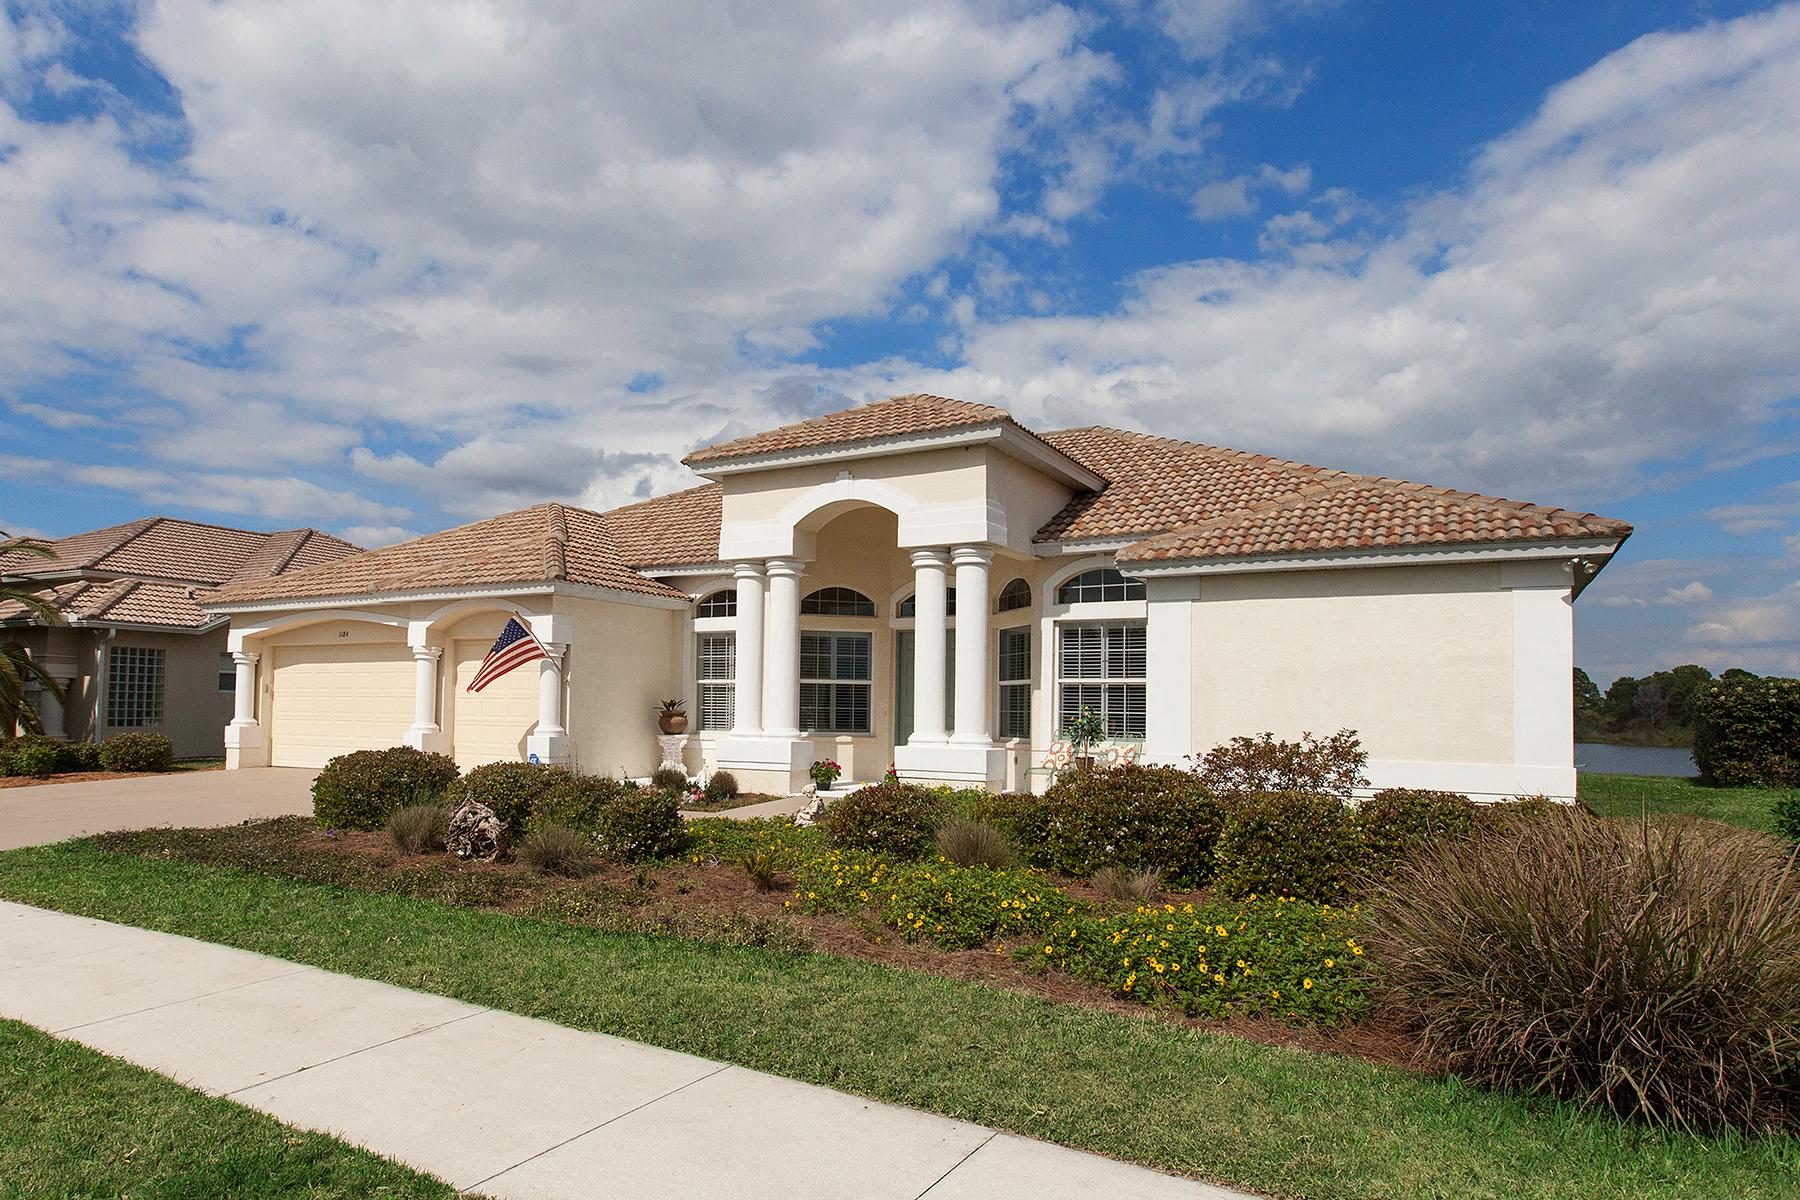 단독 가정 주택 용 매매 에 OSPREY 1184 Mallard Marsh Dr Osprey, 플로리다 34229 미국